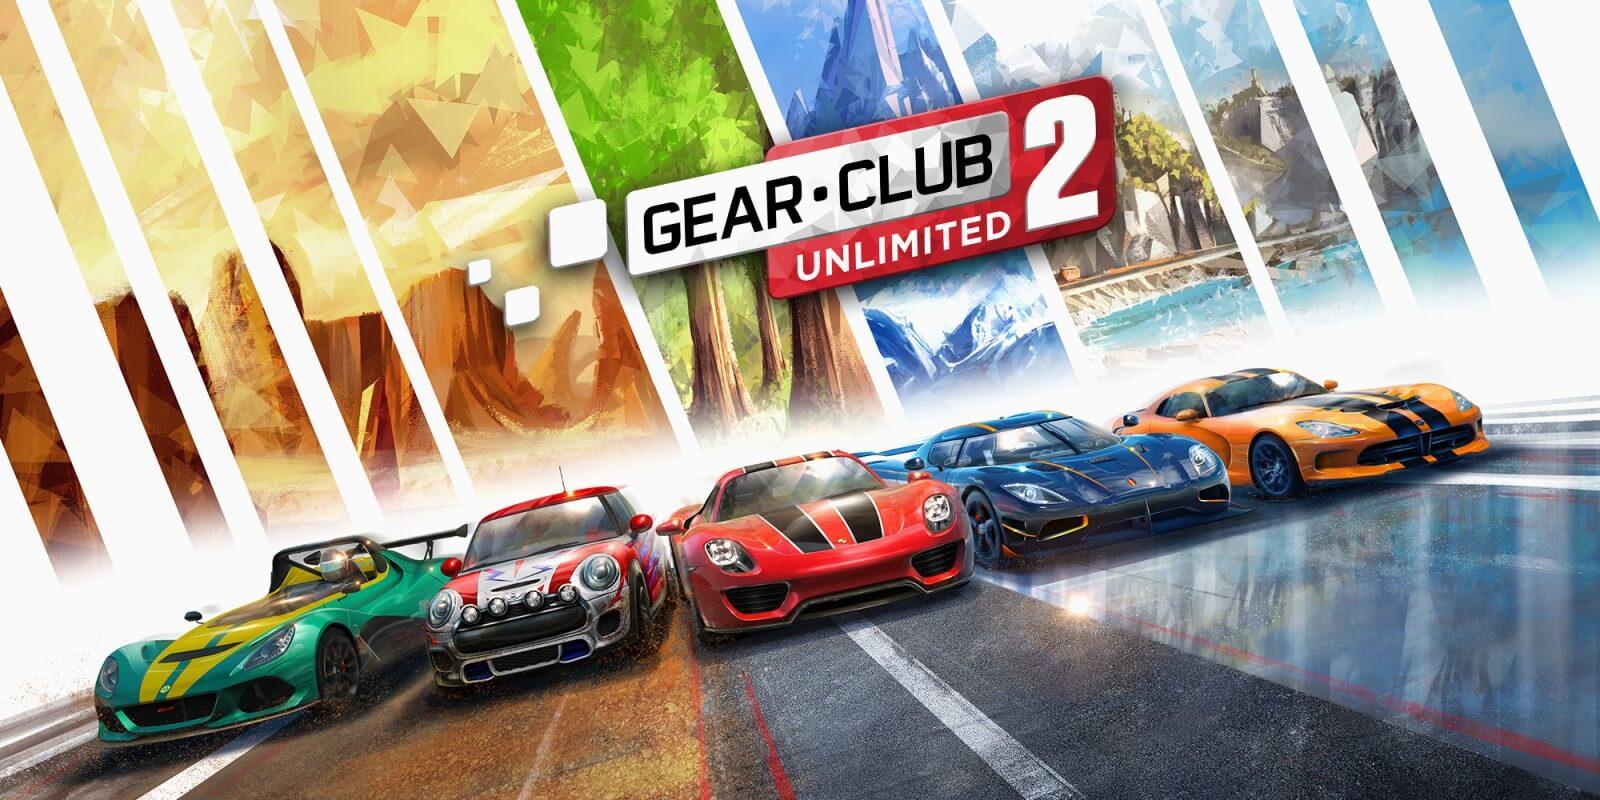 Gear.Club Unlimited 2 é lançado hoje para Nintendo Switch, confira trailer de lançamento